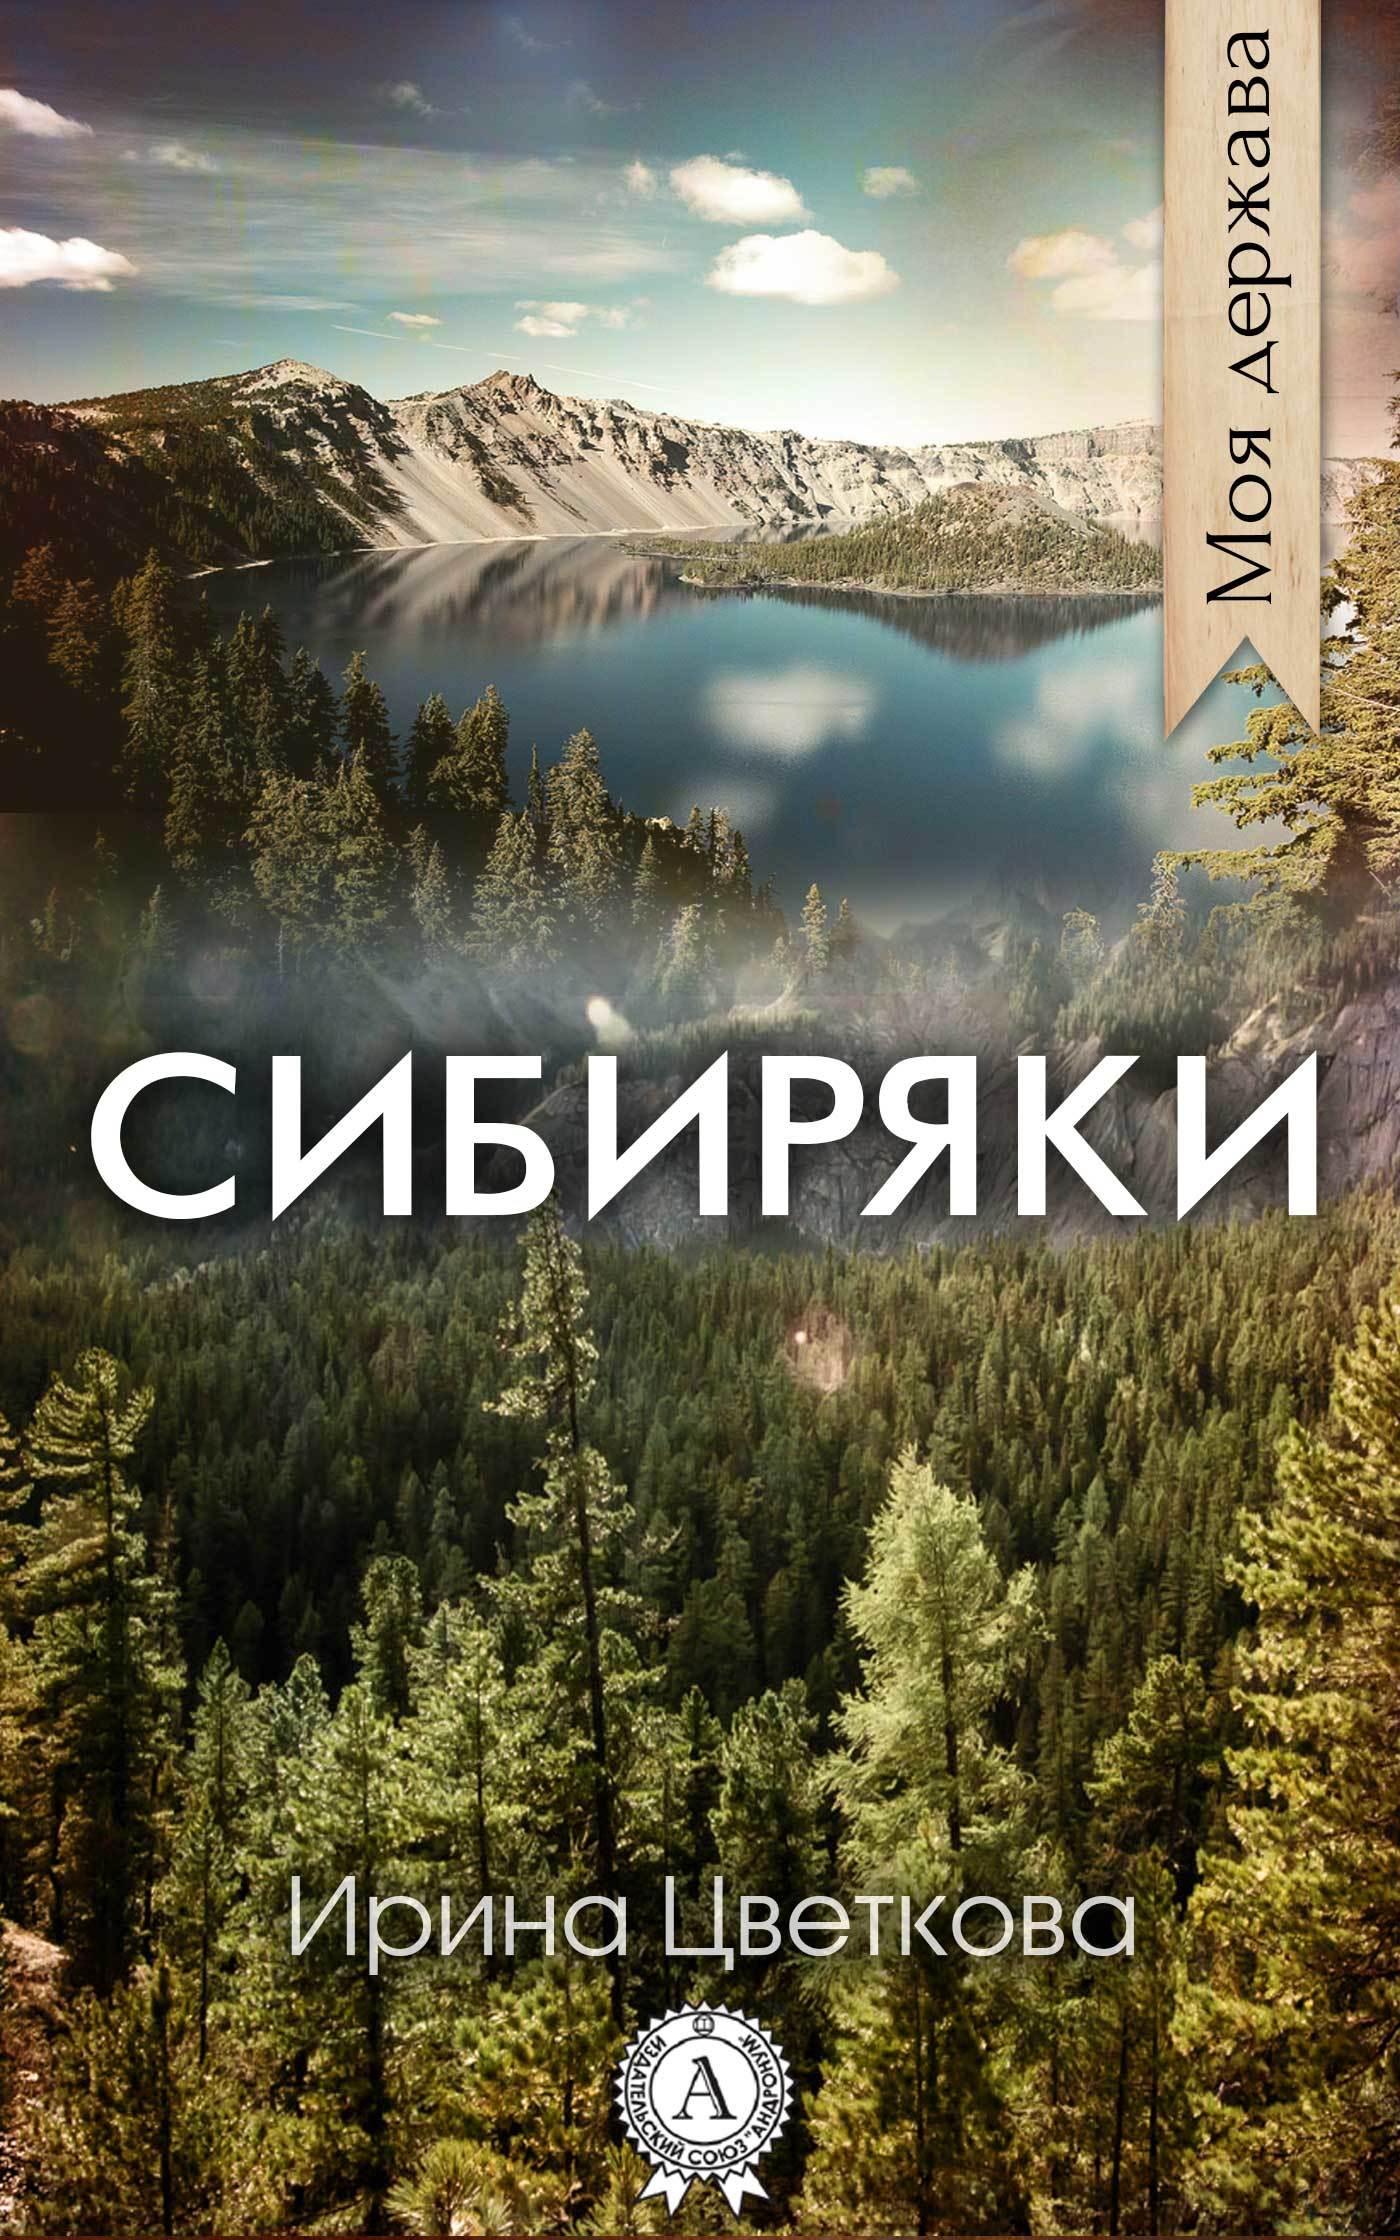 Ирина Цветкова Сибиряки